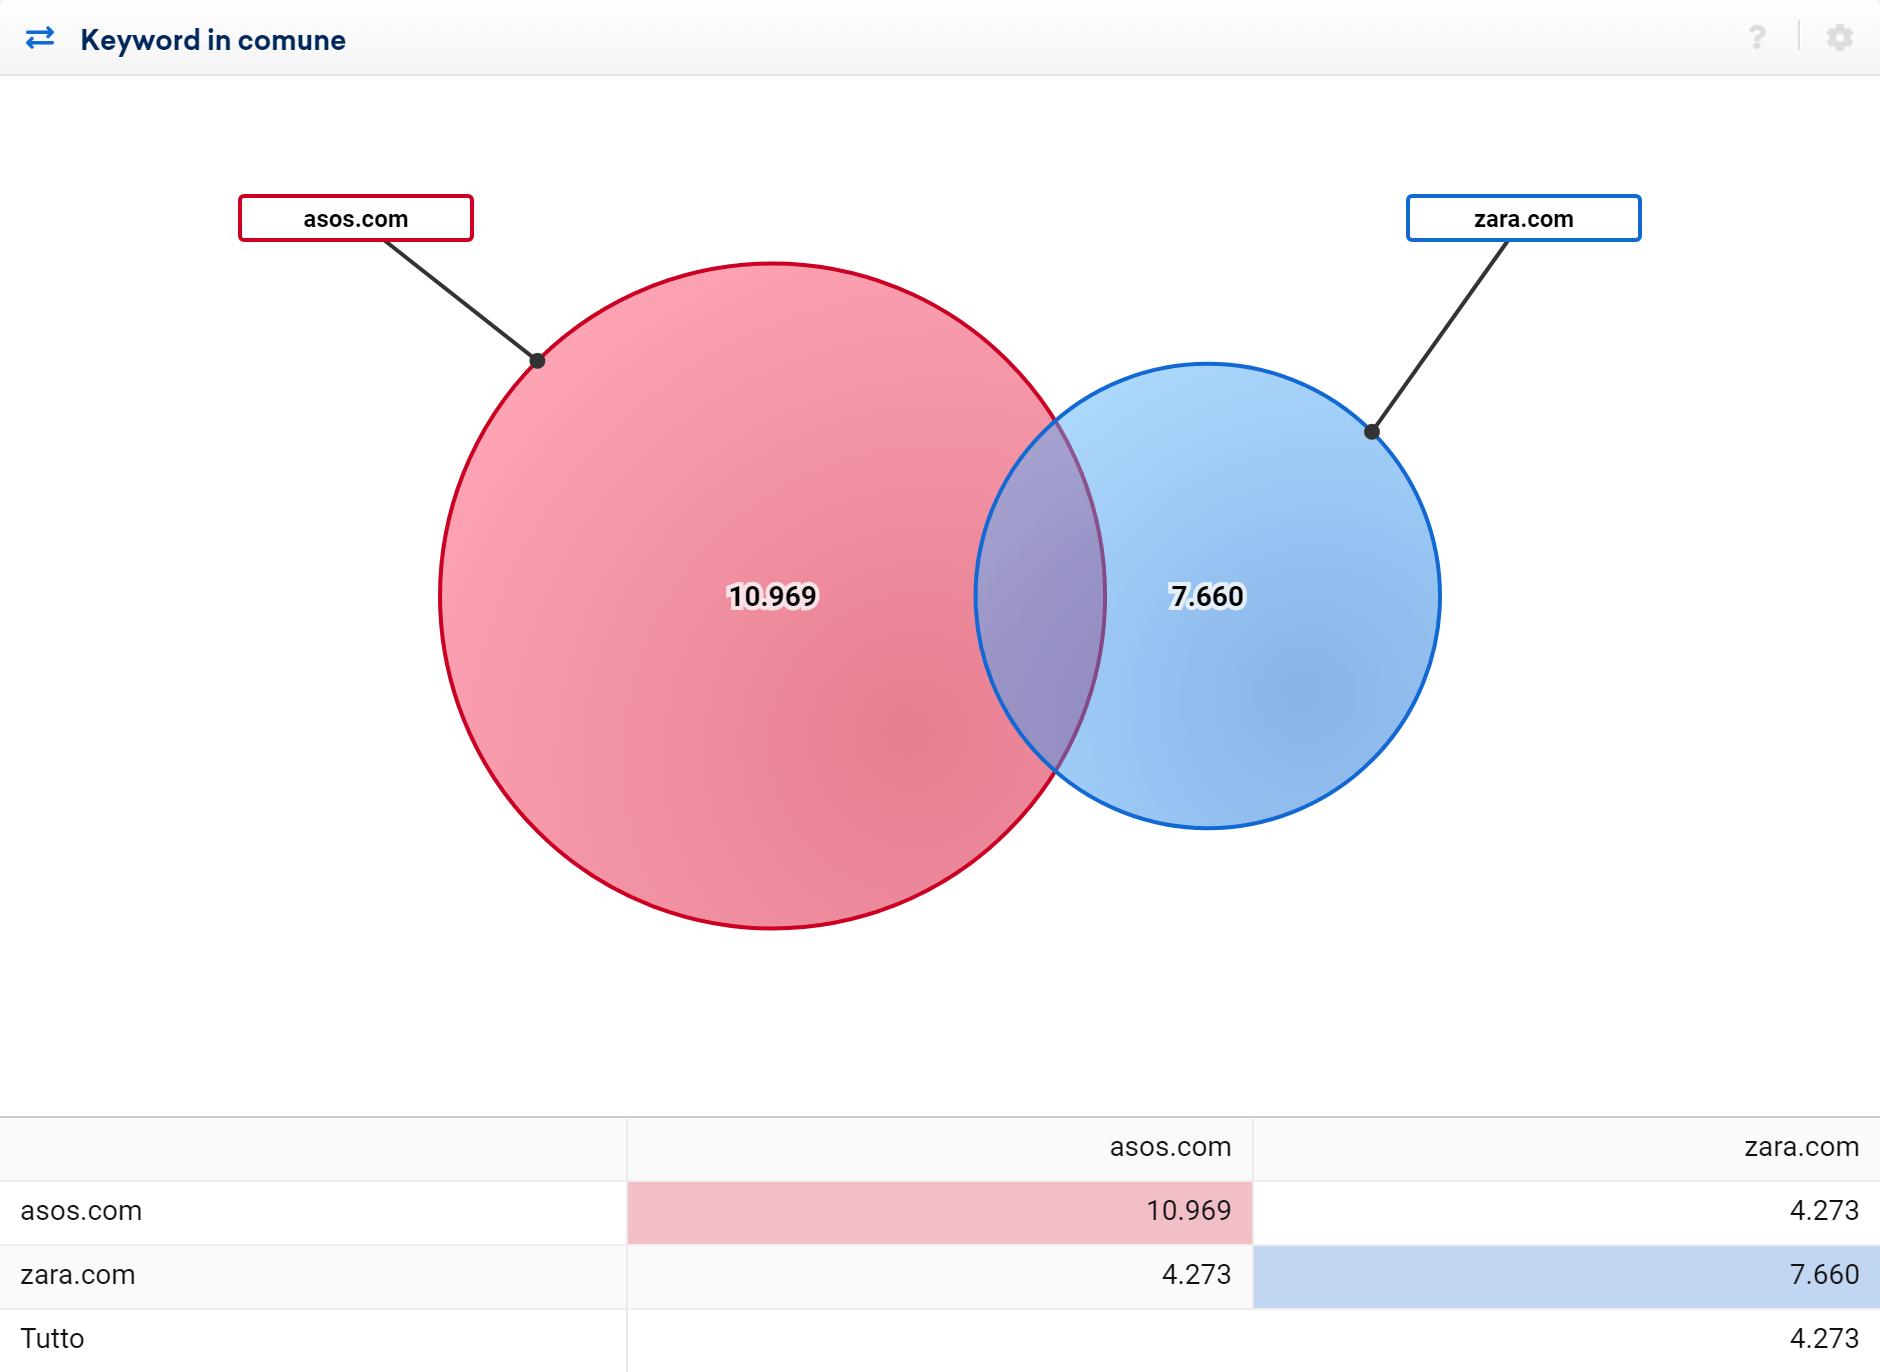 Toolbox SISTRIX: confronto delle keyword in comune tra asos.com e zara.com nel 2020